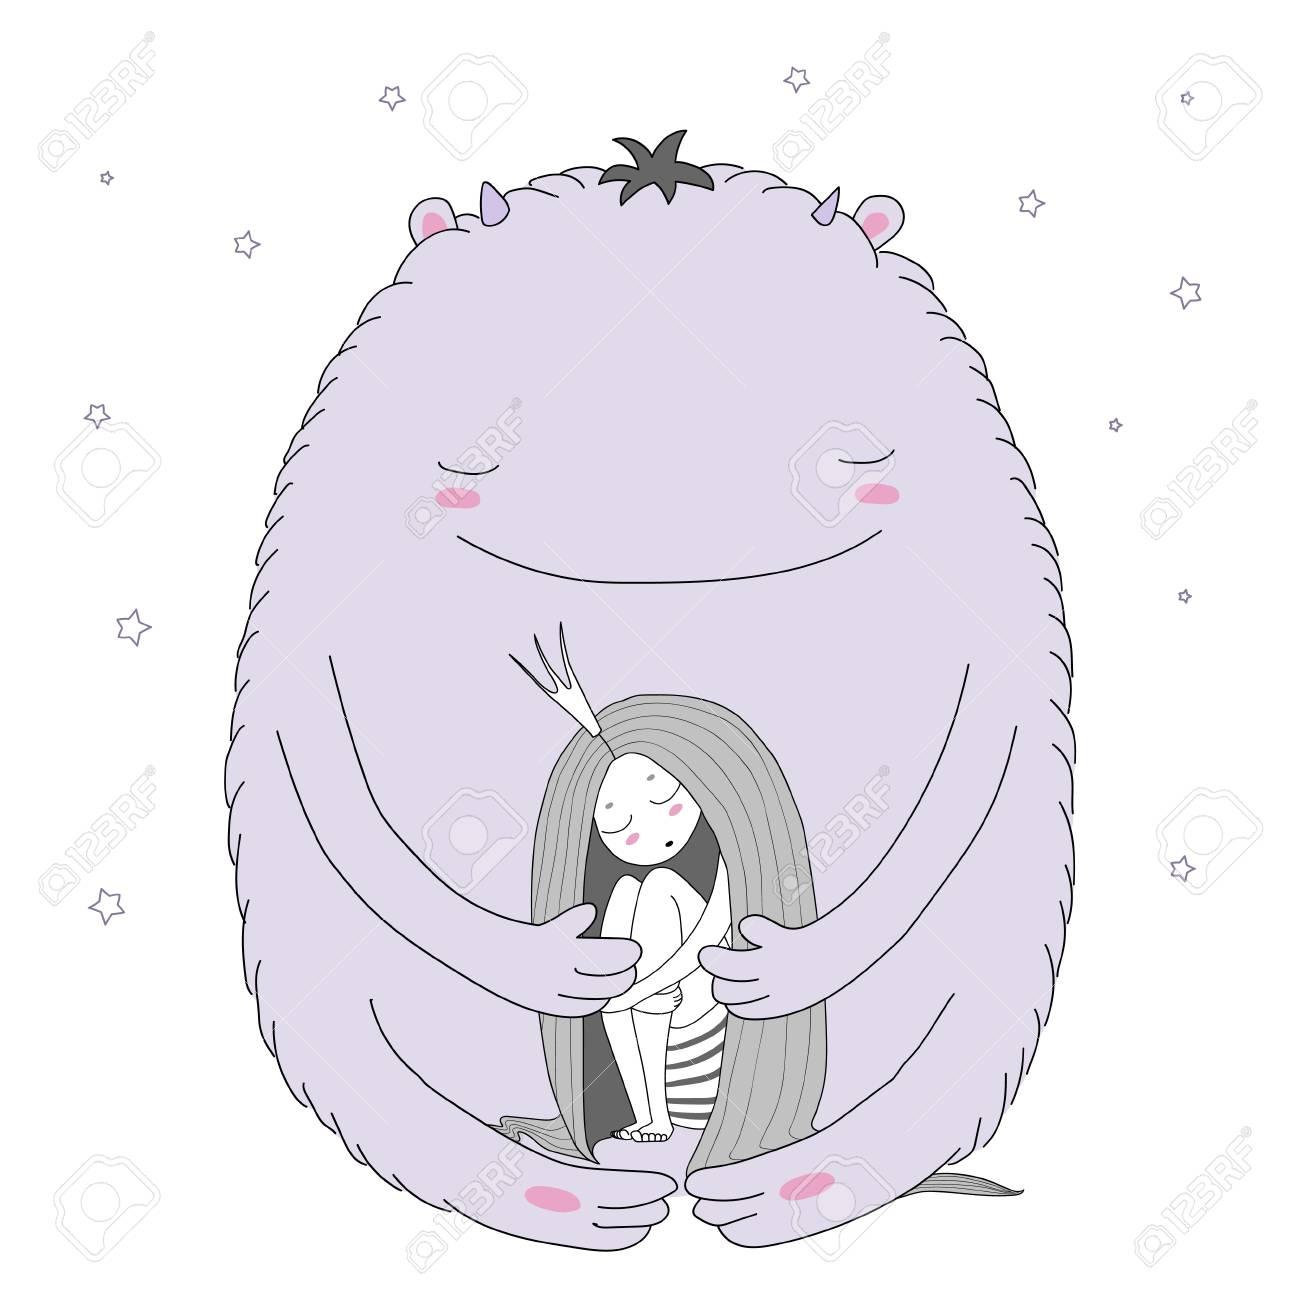 Ilustración De Vector Dibujado A Mano De Princesa Durmiente Con Cabello  Largo Y Moster Lindo Entre Las Estrellas. Objetos Aislados Sobre Fondo  Blanco. b7af012e1b017